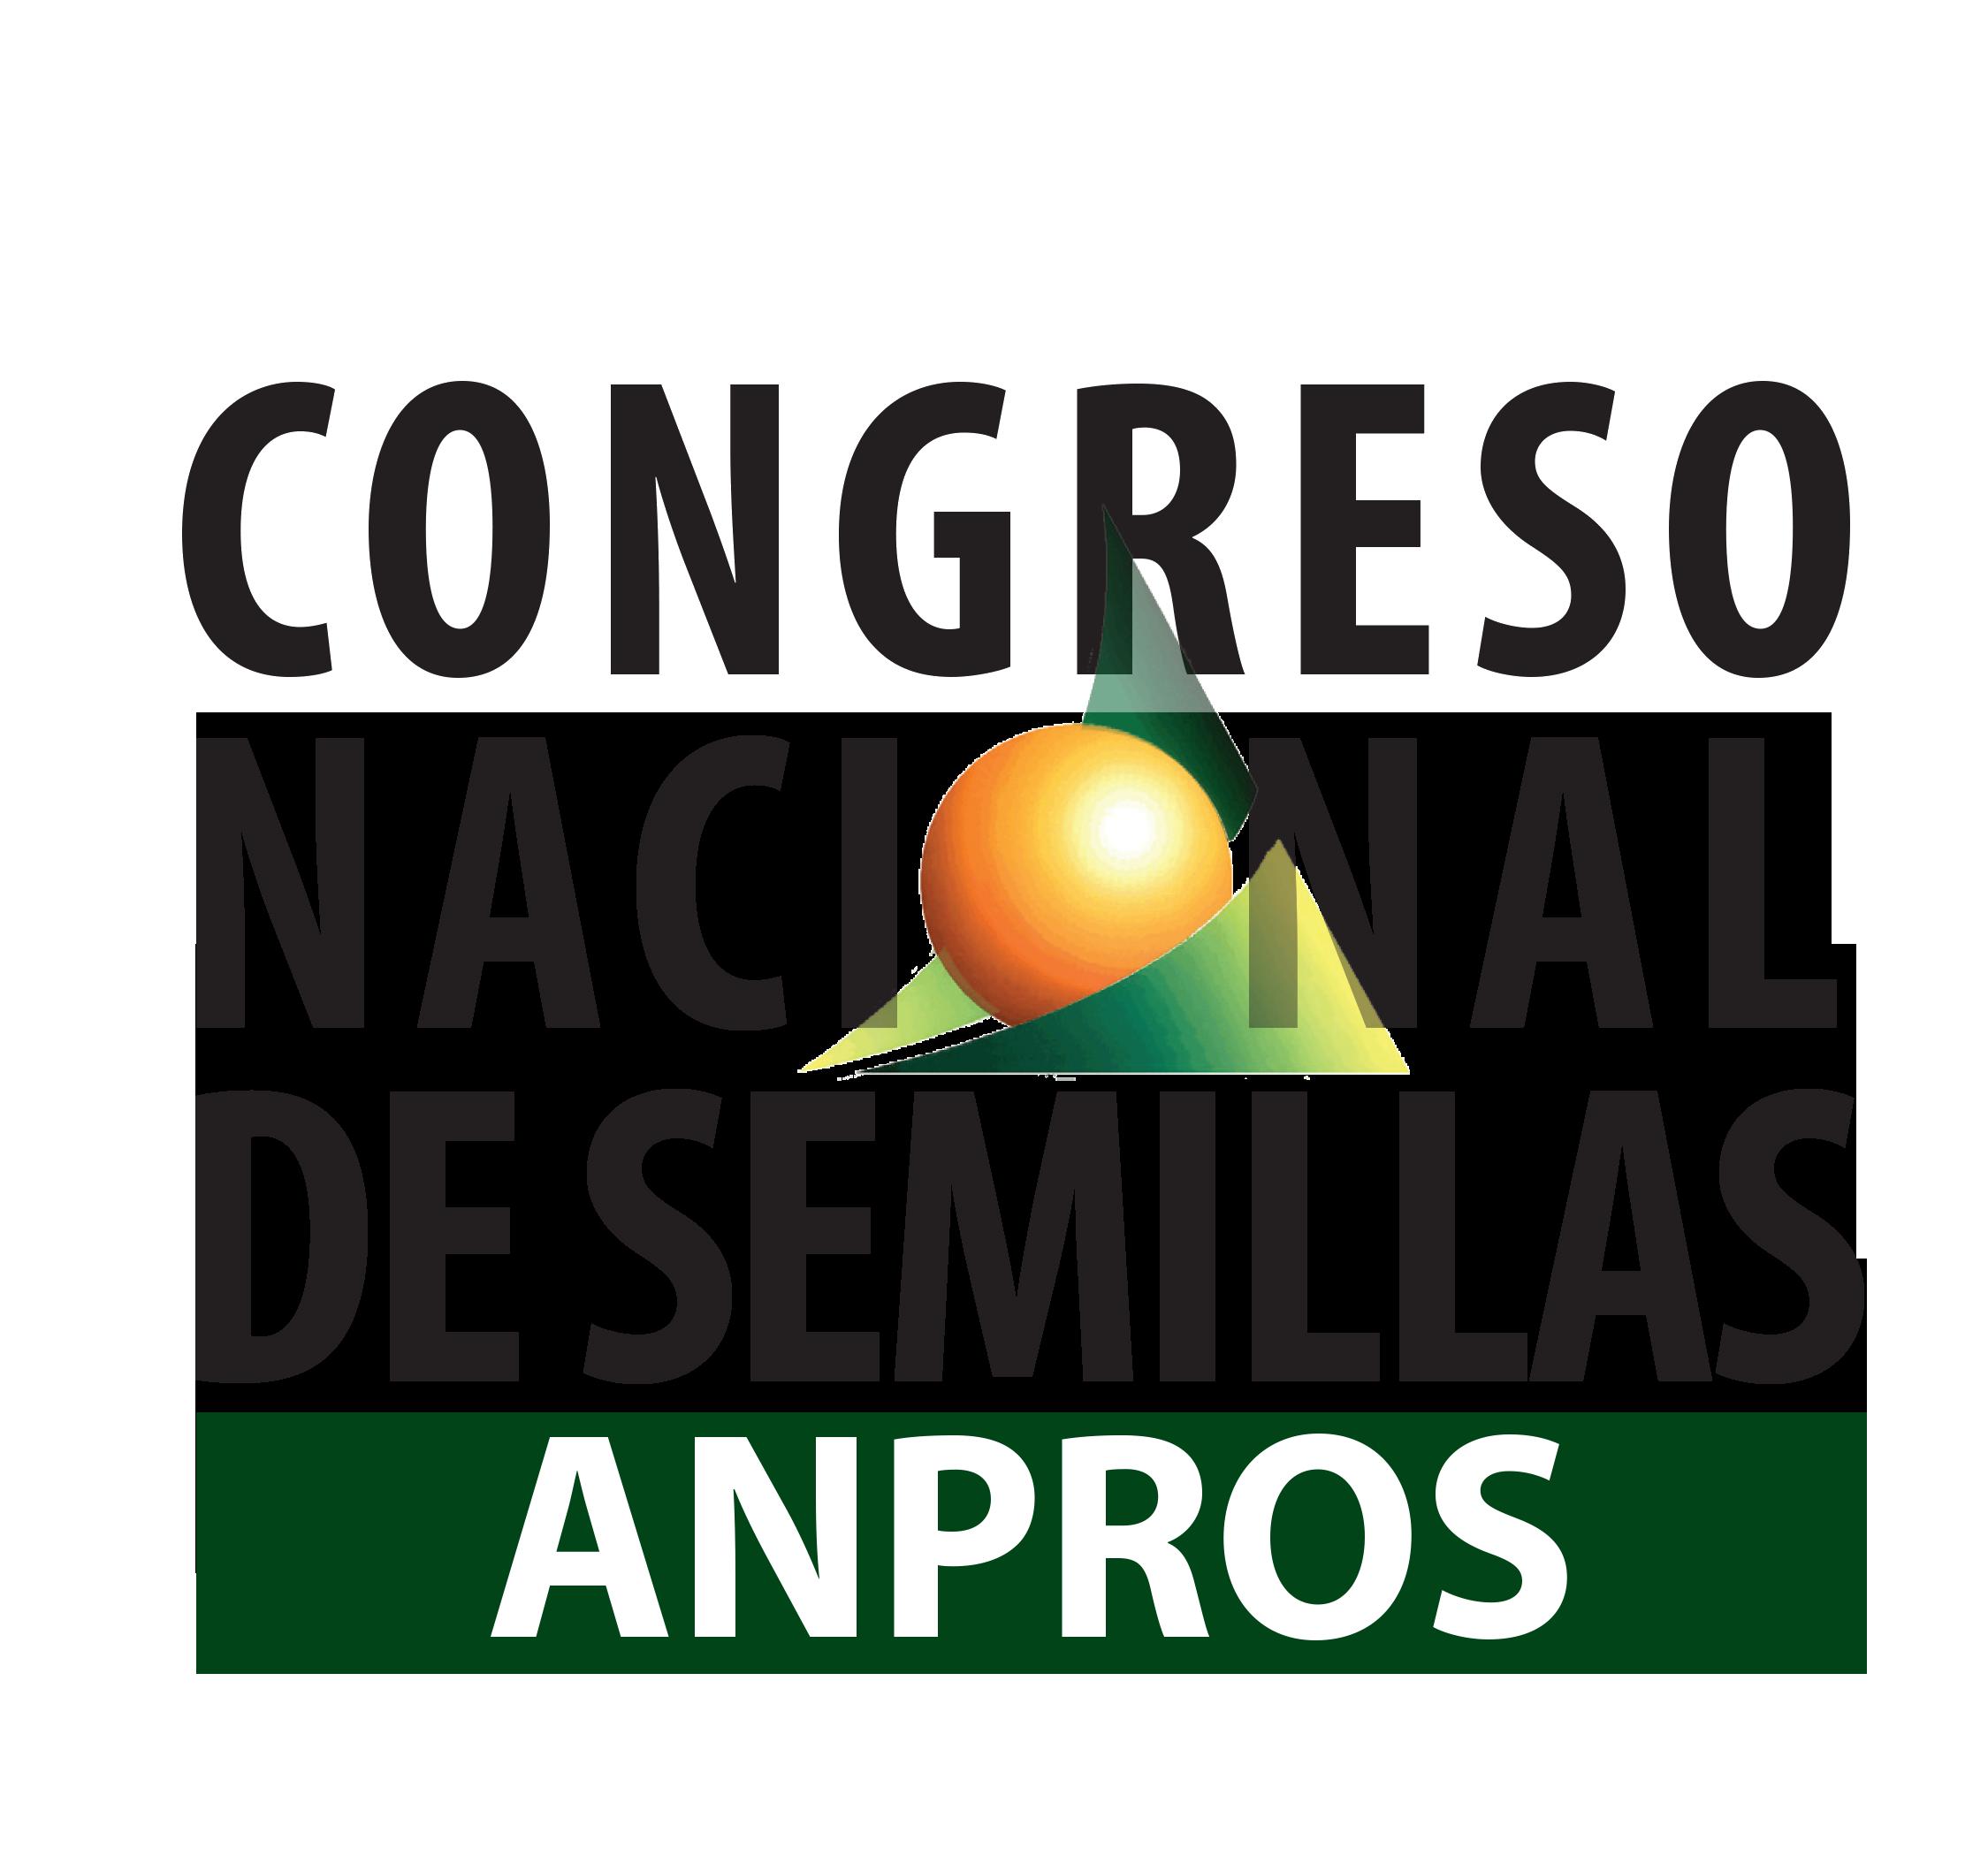 Congreso Nacional de Semillas 2019